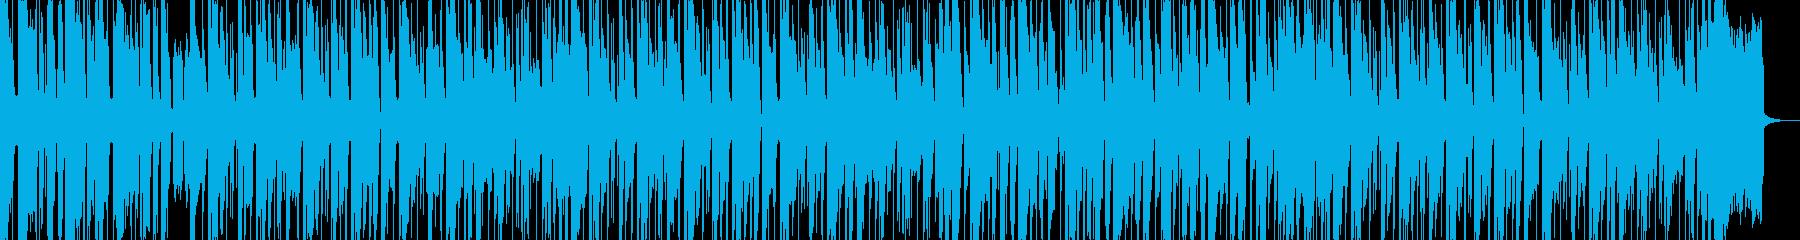 ヒップホップ風の明るいBGMの再生済みの波形